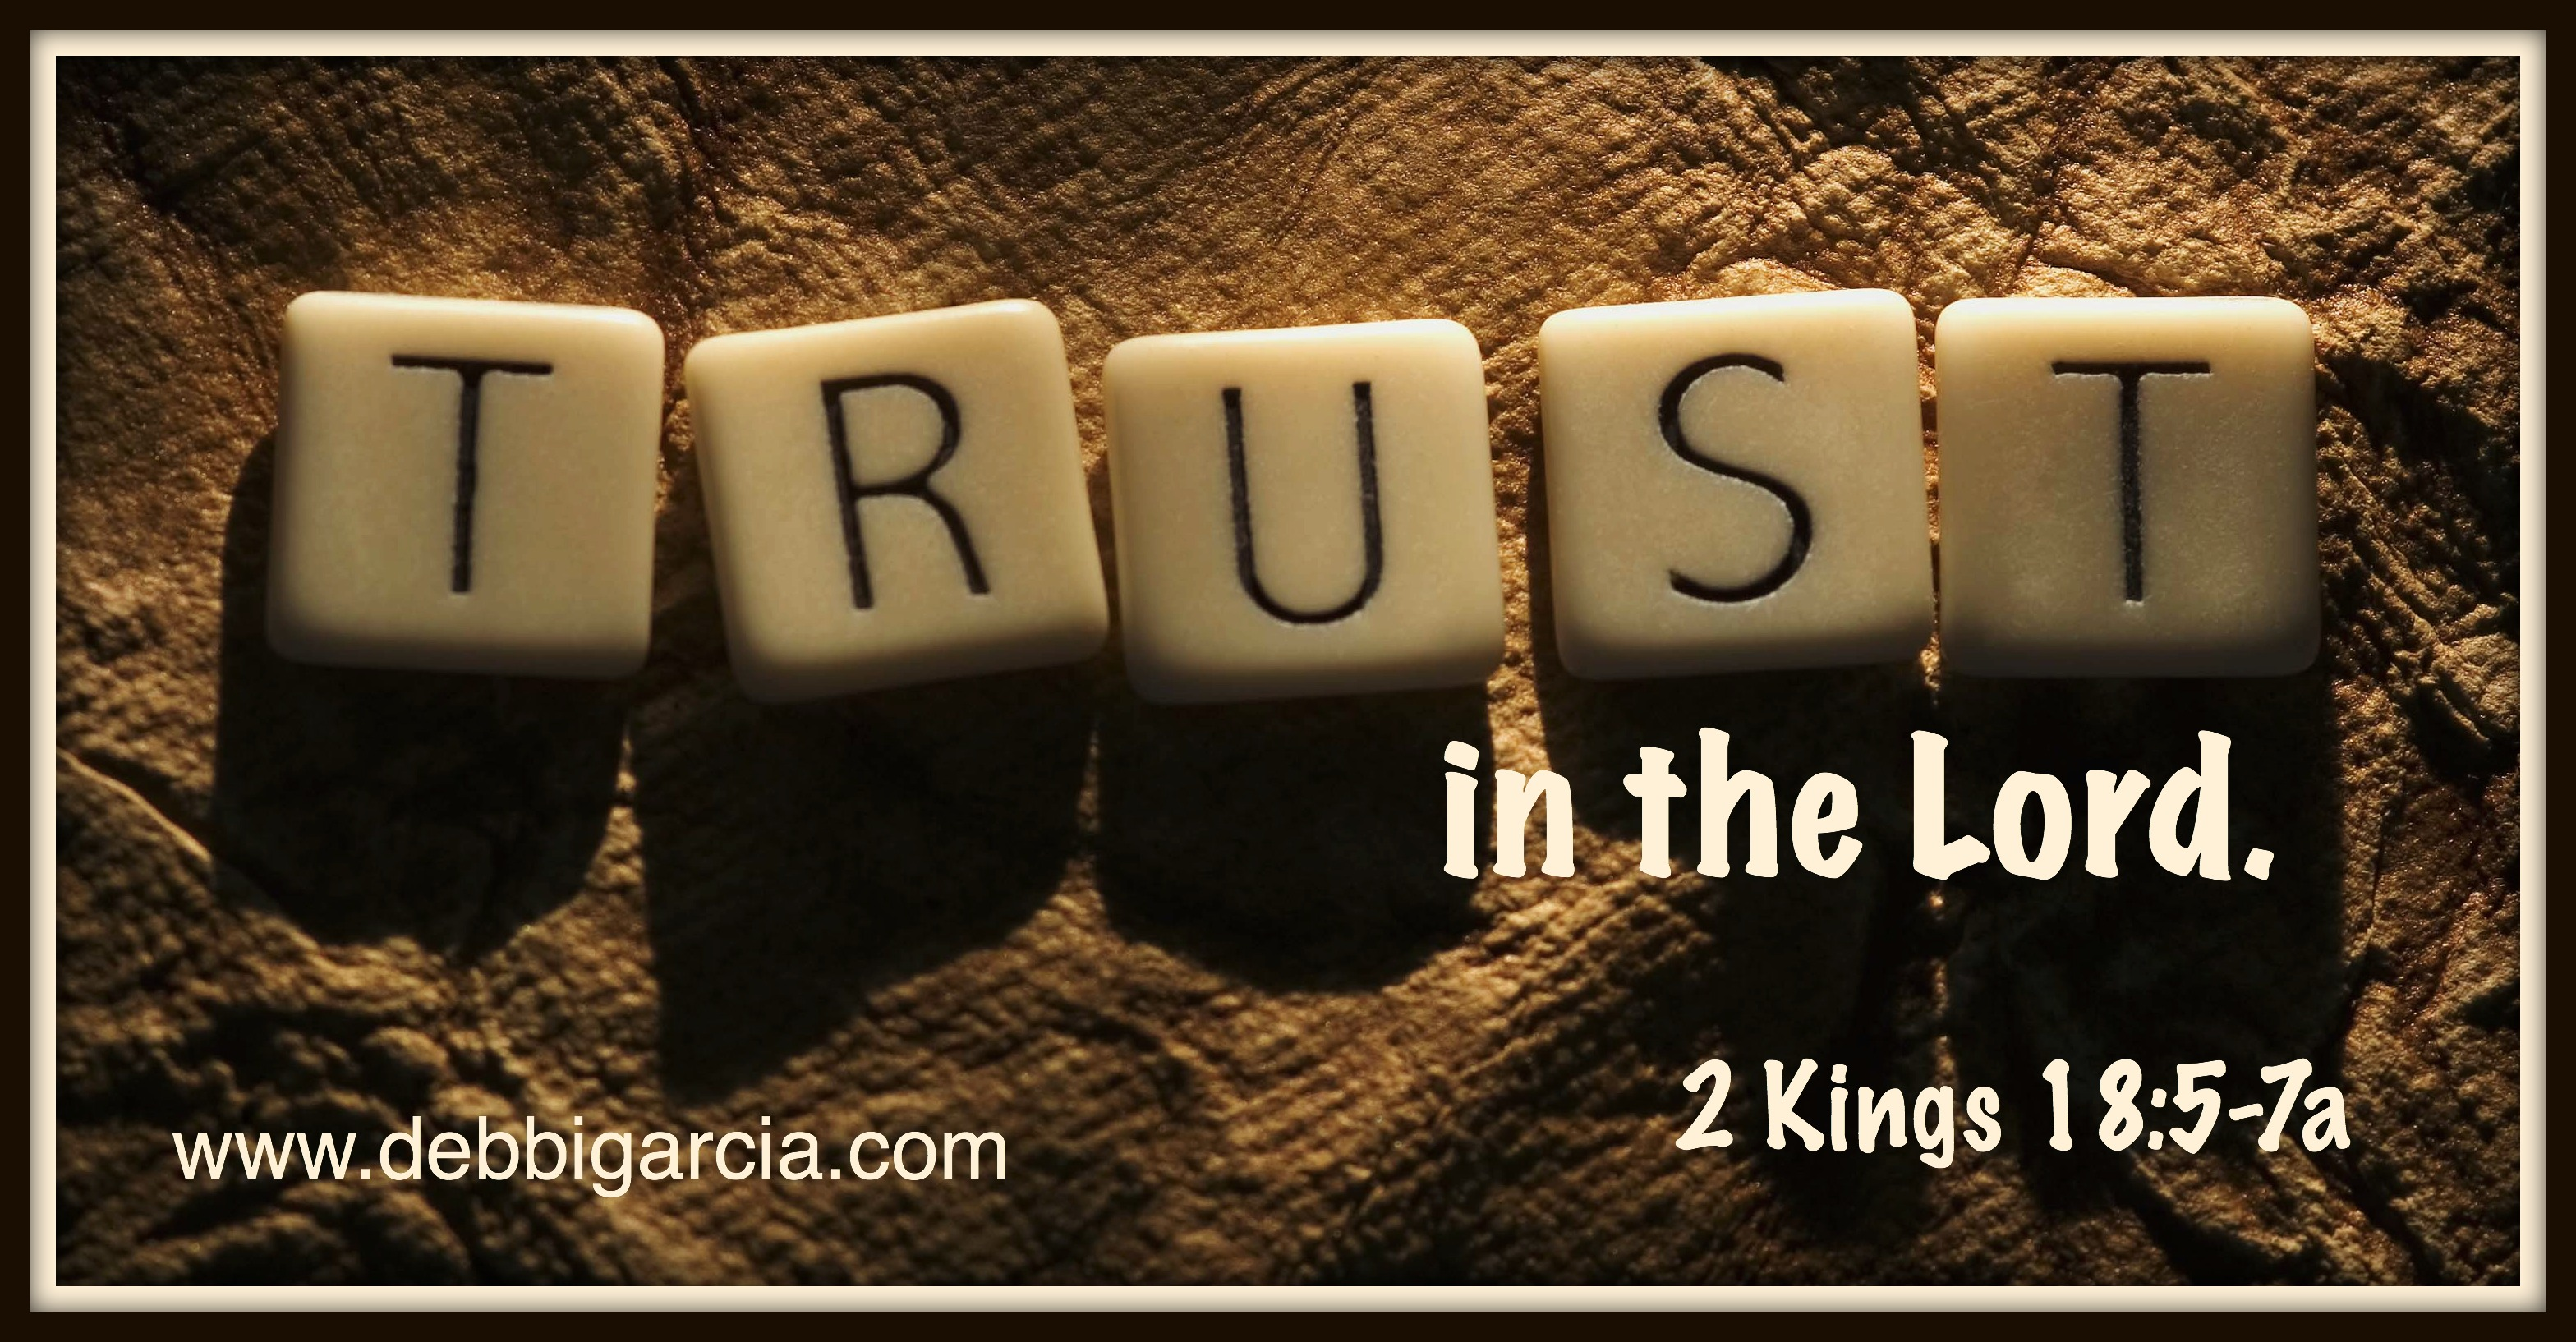 2 Kings 18:5-7